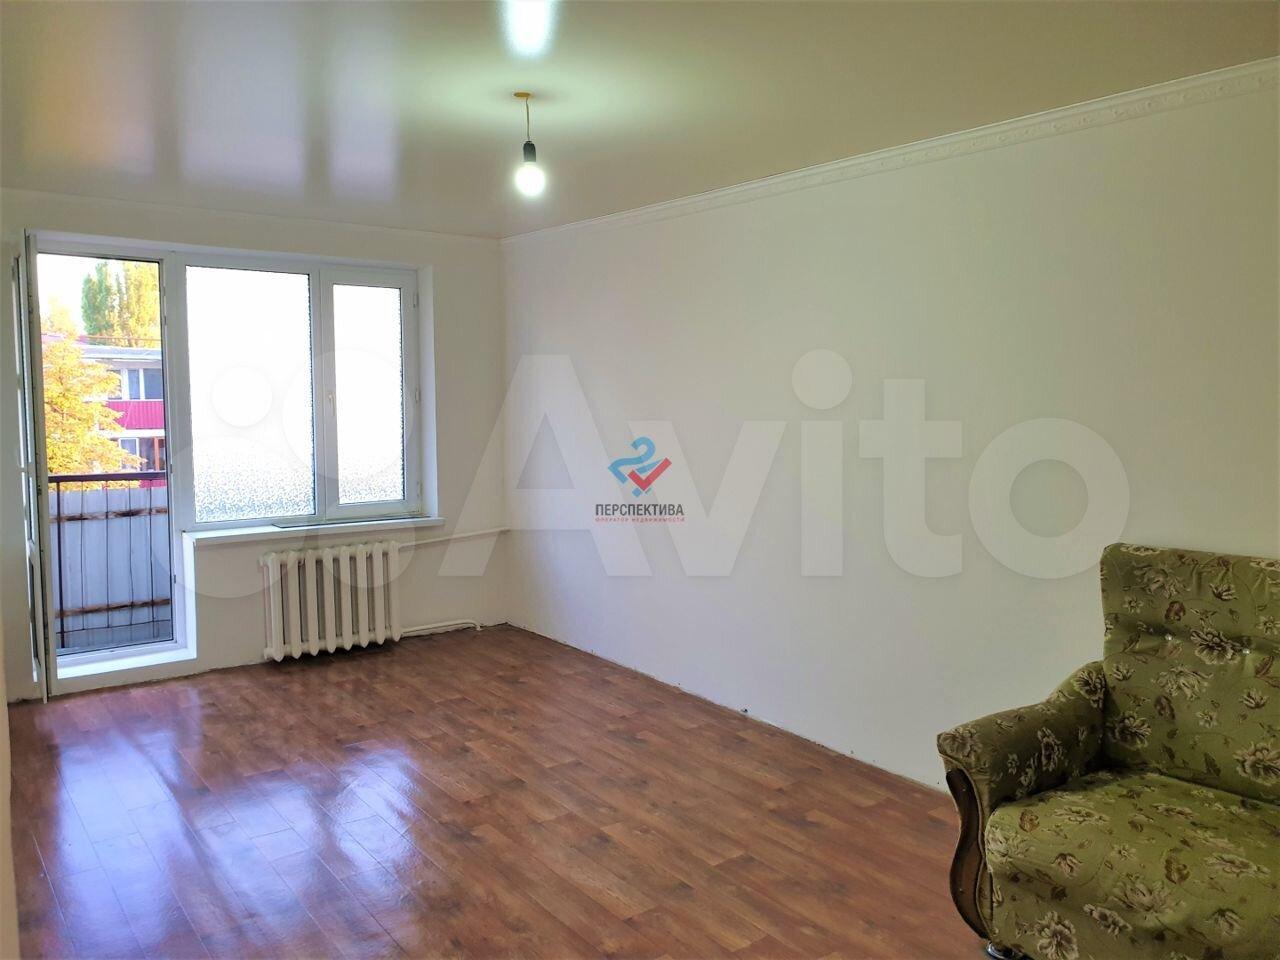 1-к квартира, 30.5 м², 5/5 эт.  89899231010 купить 1